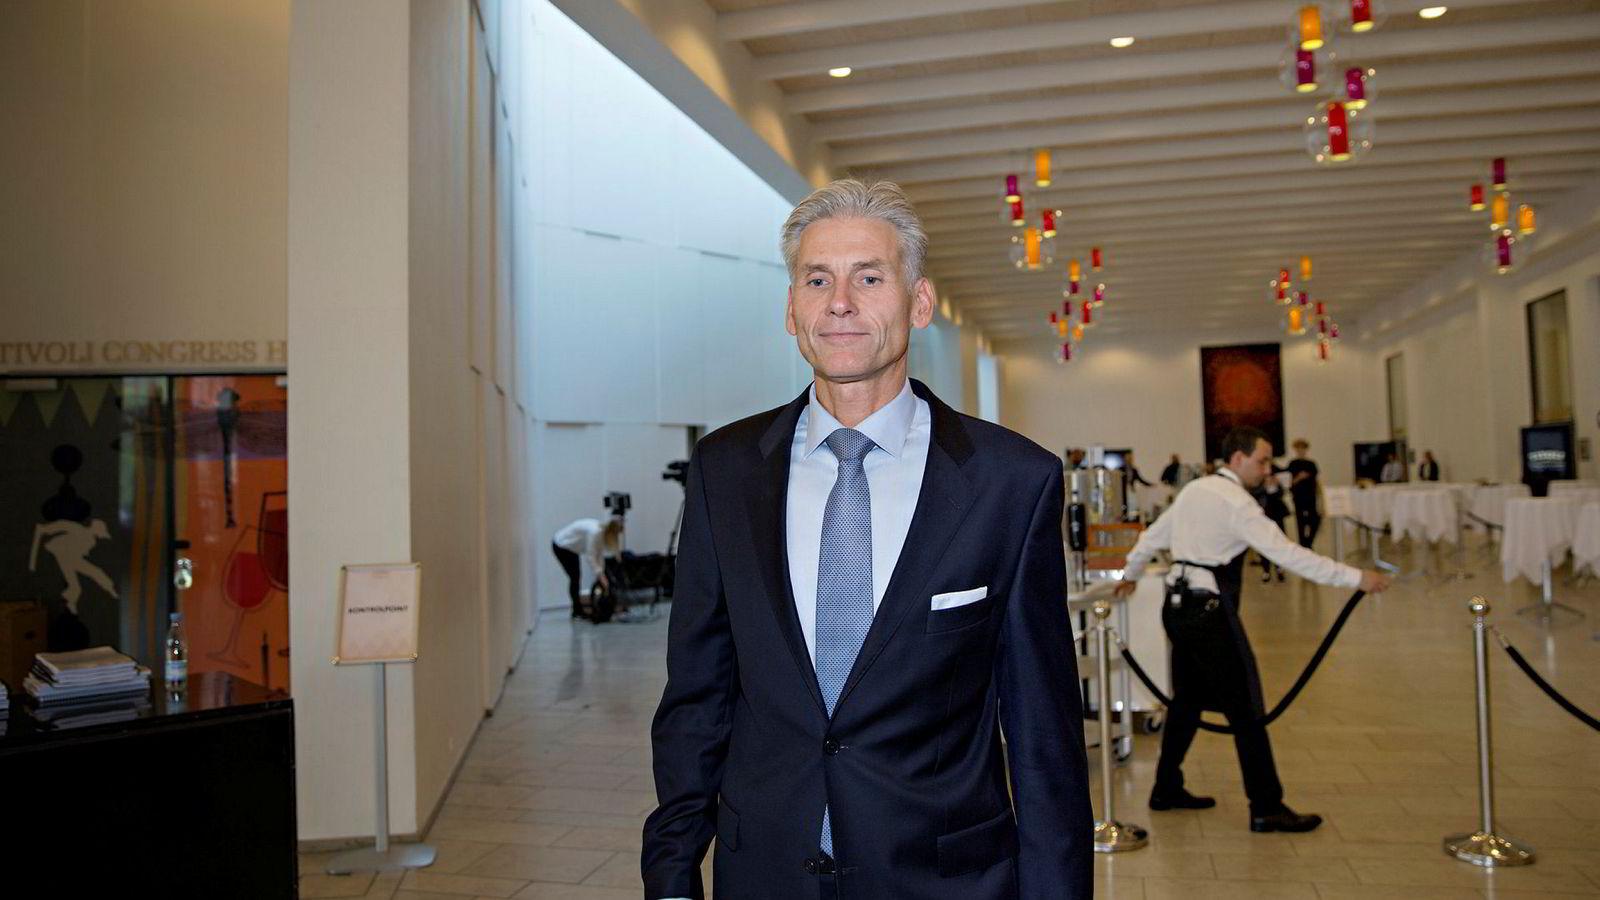 Norske Thomas Borgen gikk onsdag av som sjef for Danske Bank i forbindelse med den pågående hvitvaskingskandalen.